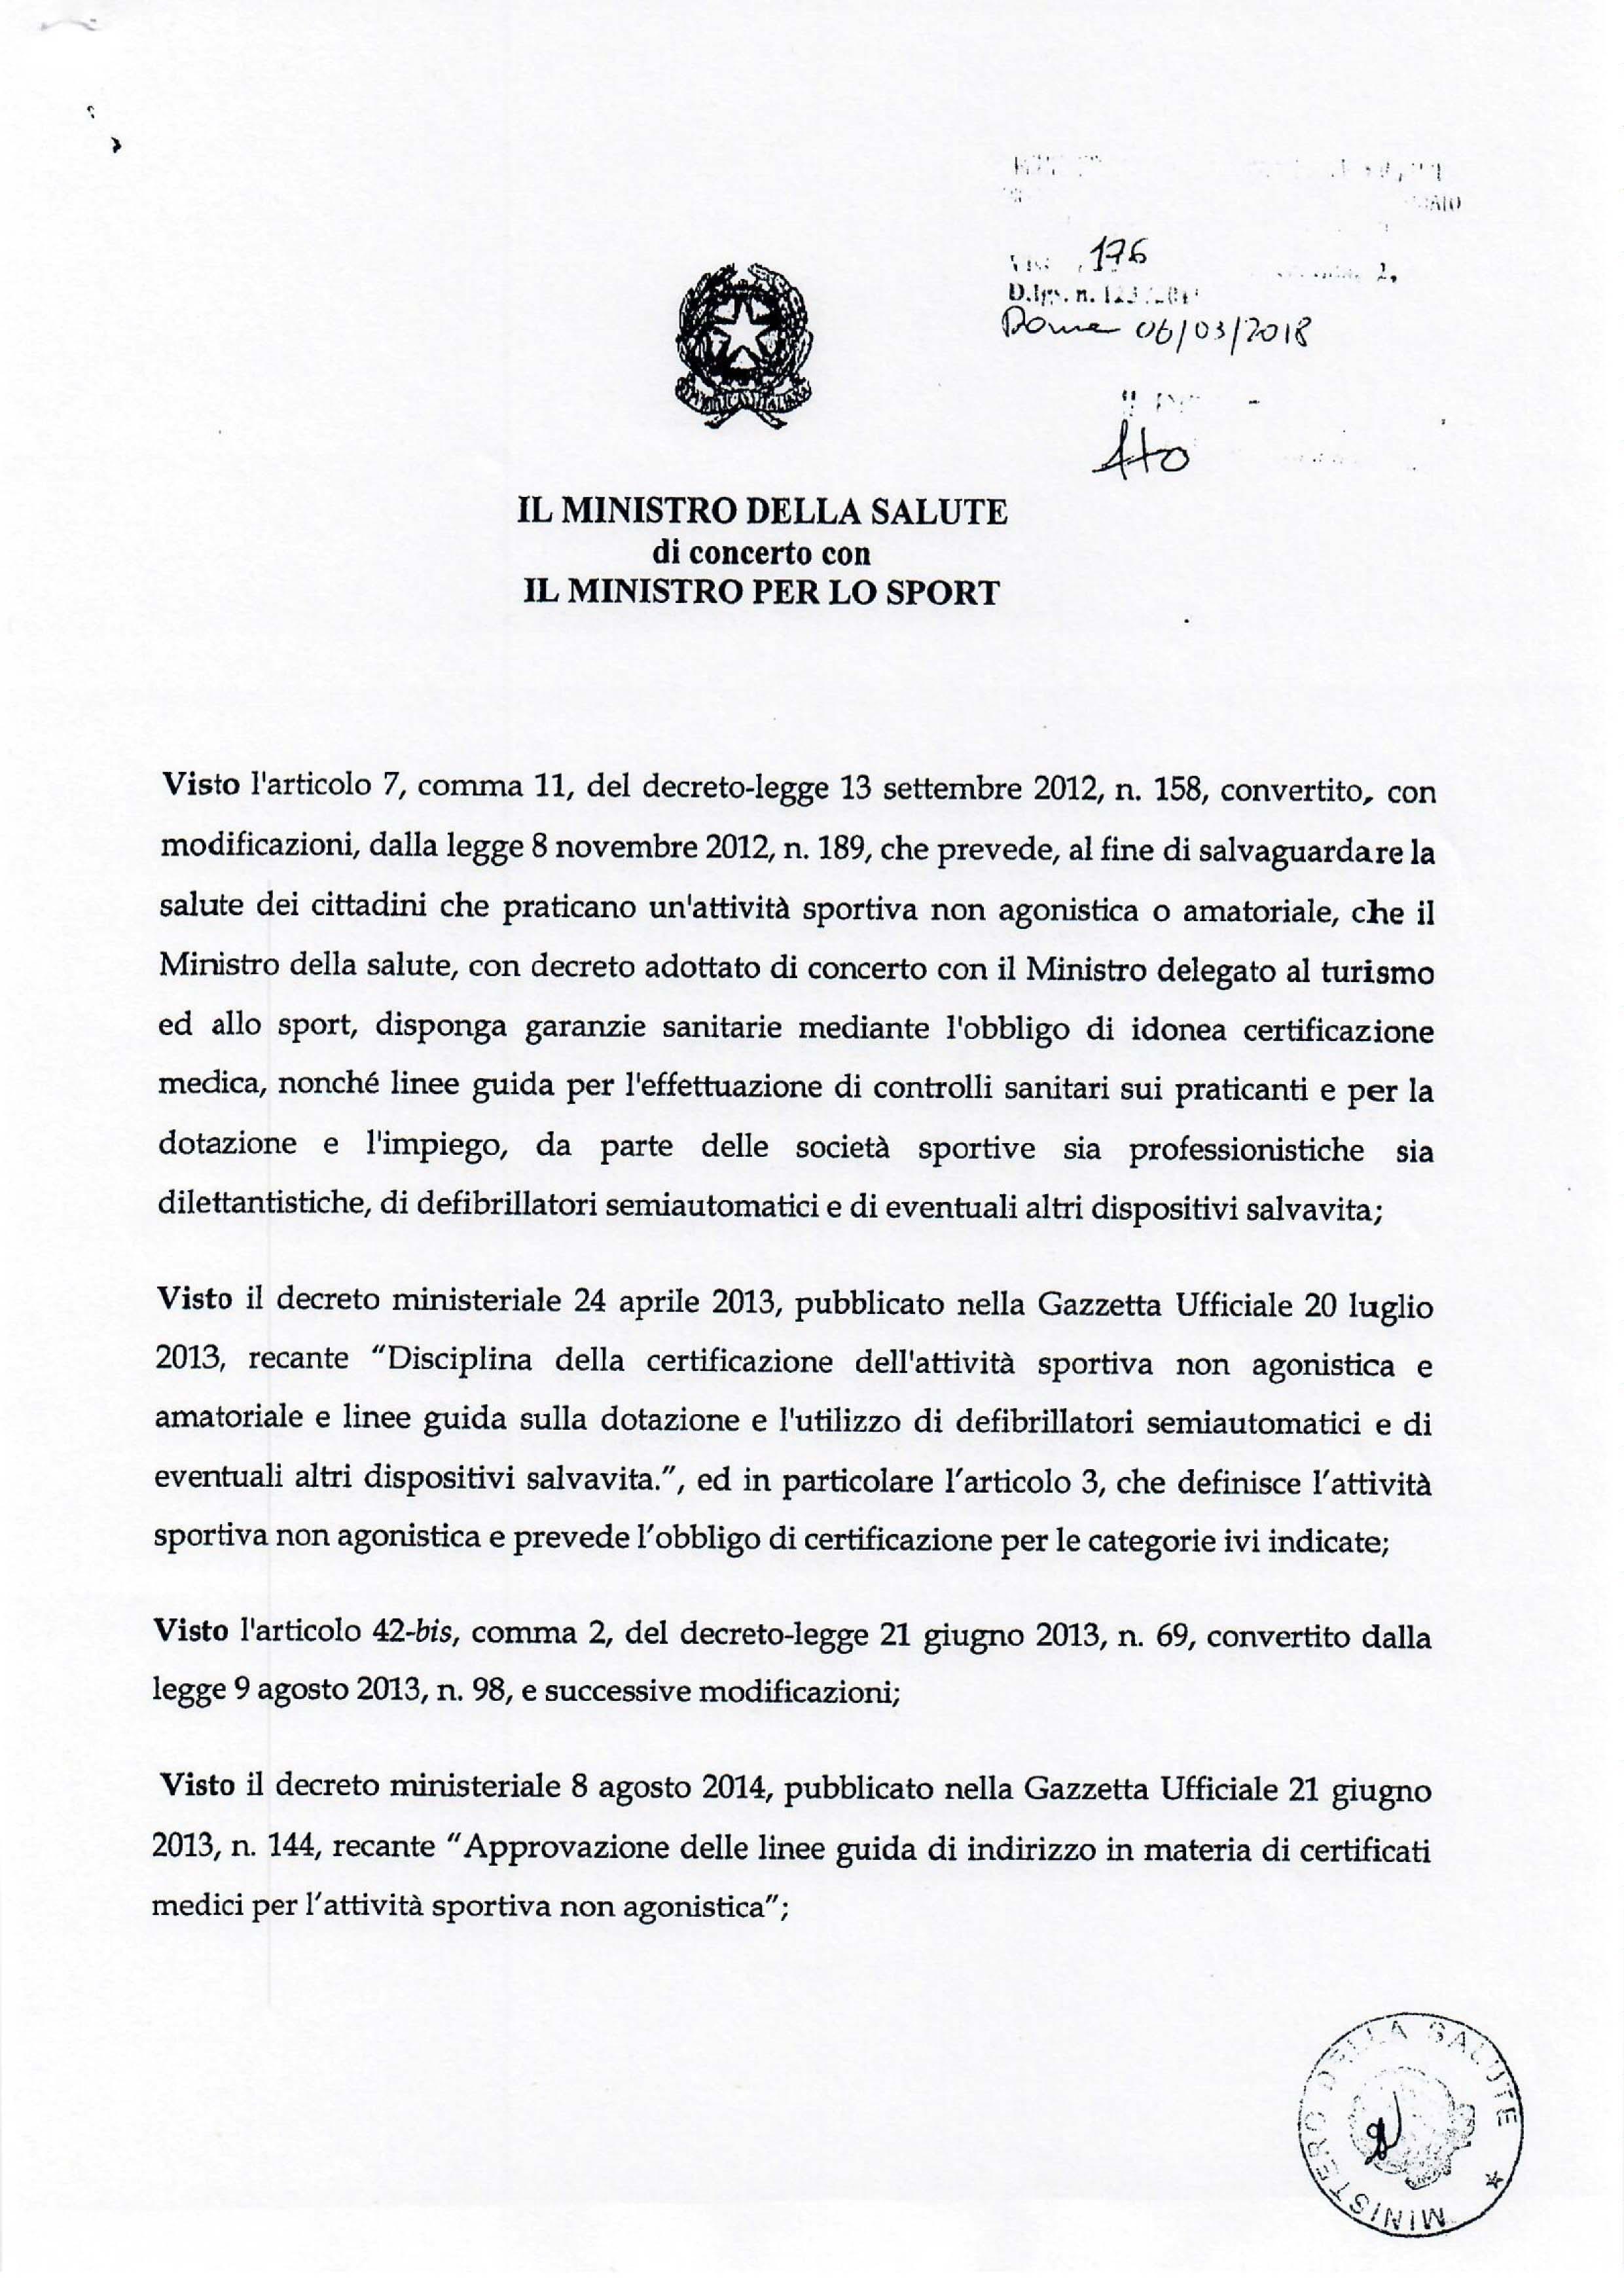 Decreto Ministero della Salute e dello Sport Pag.1/2